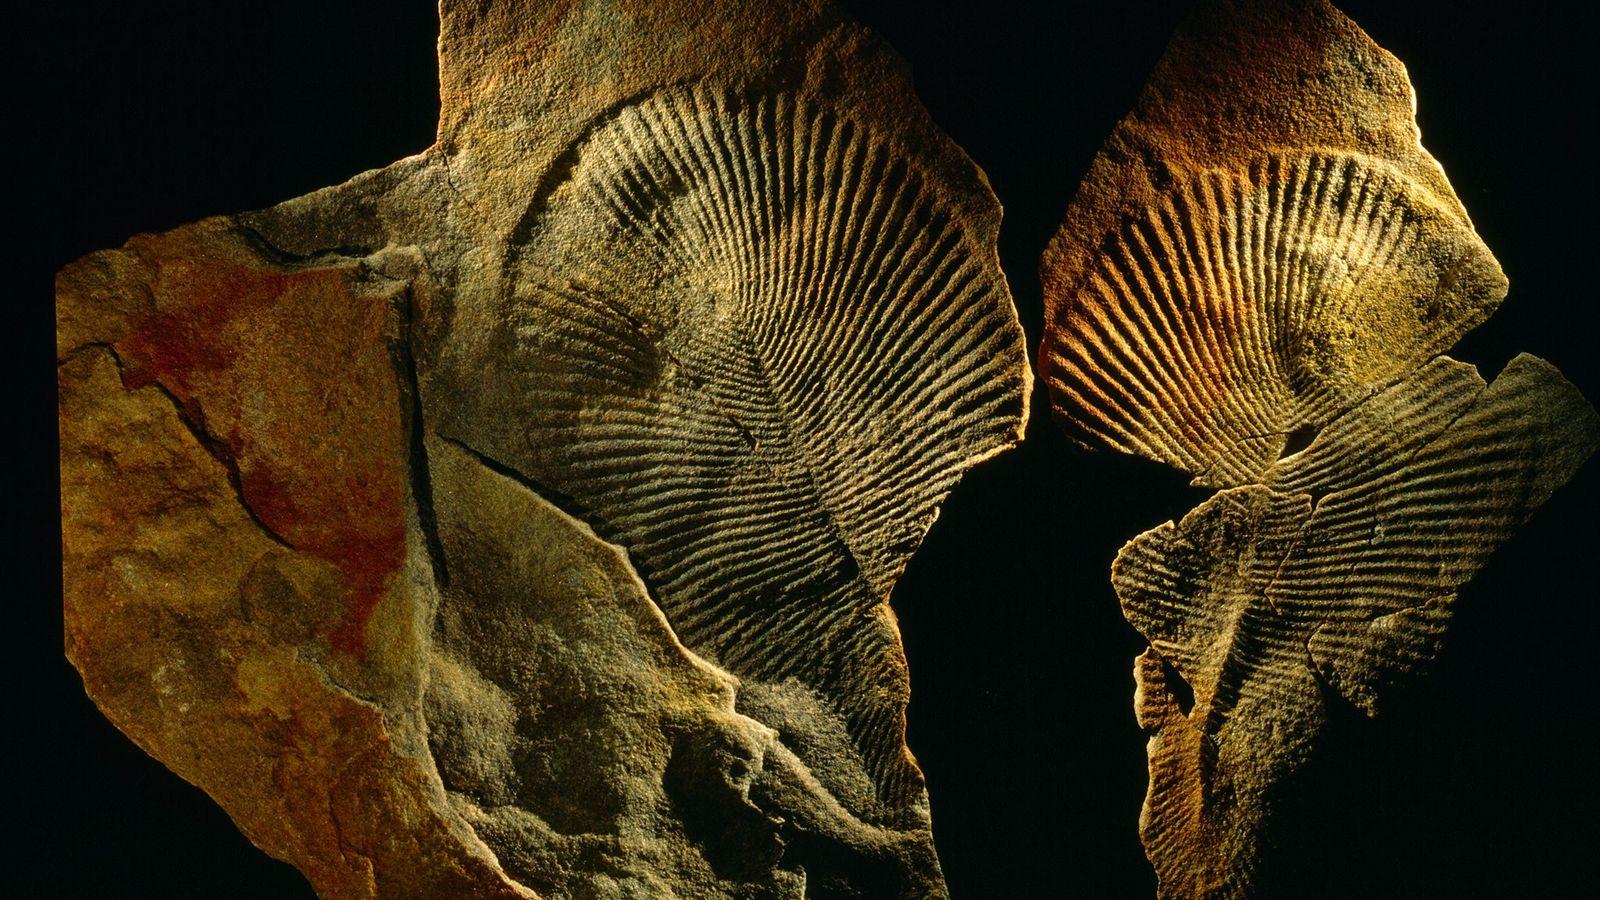 A criatura que deixou esta impressão era animal, protista ou fungo? A química dá novas pistas.